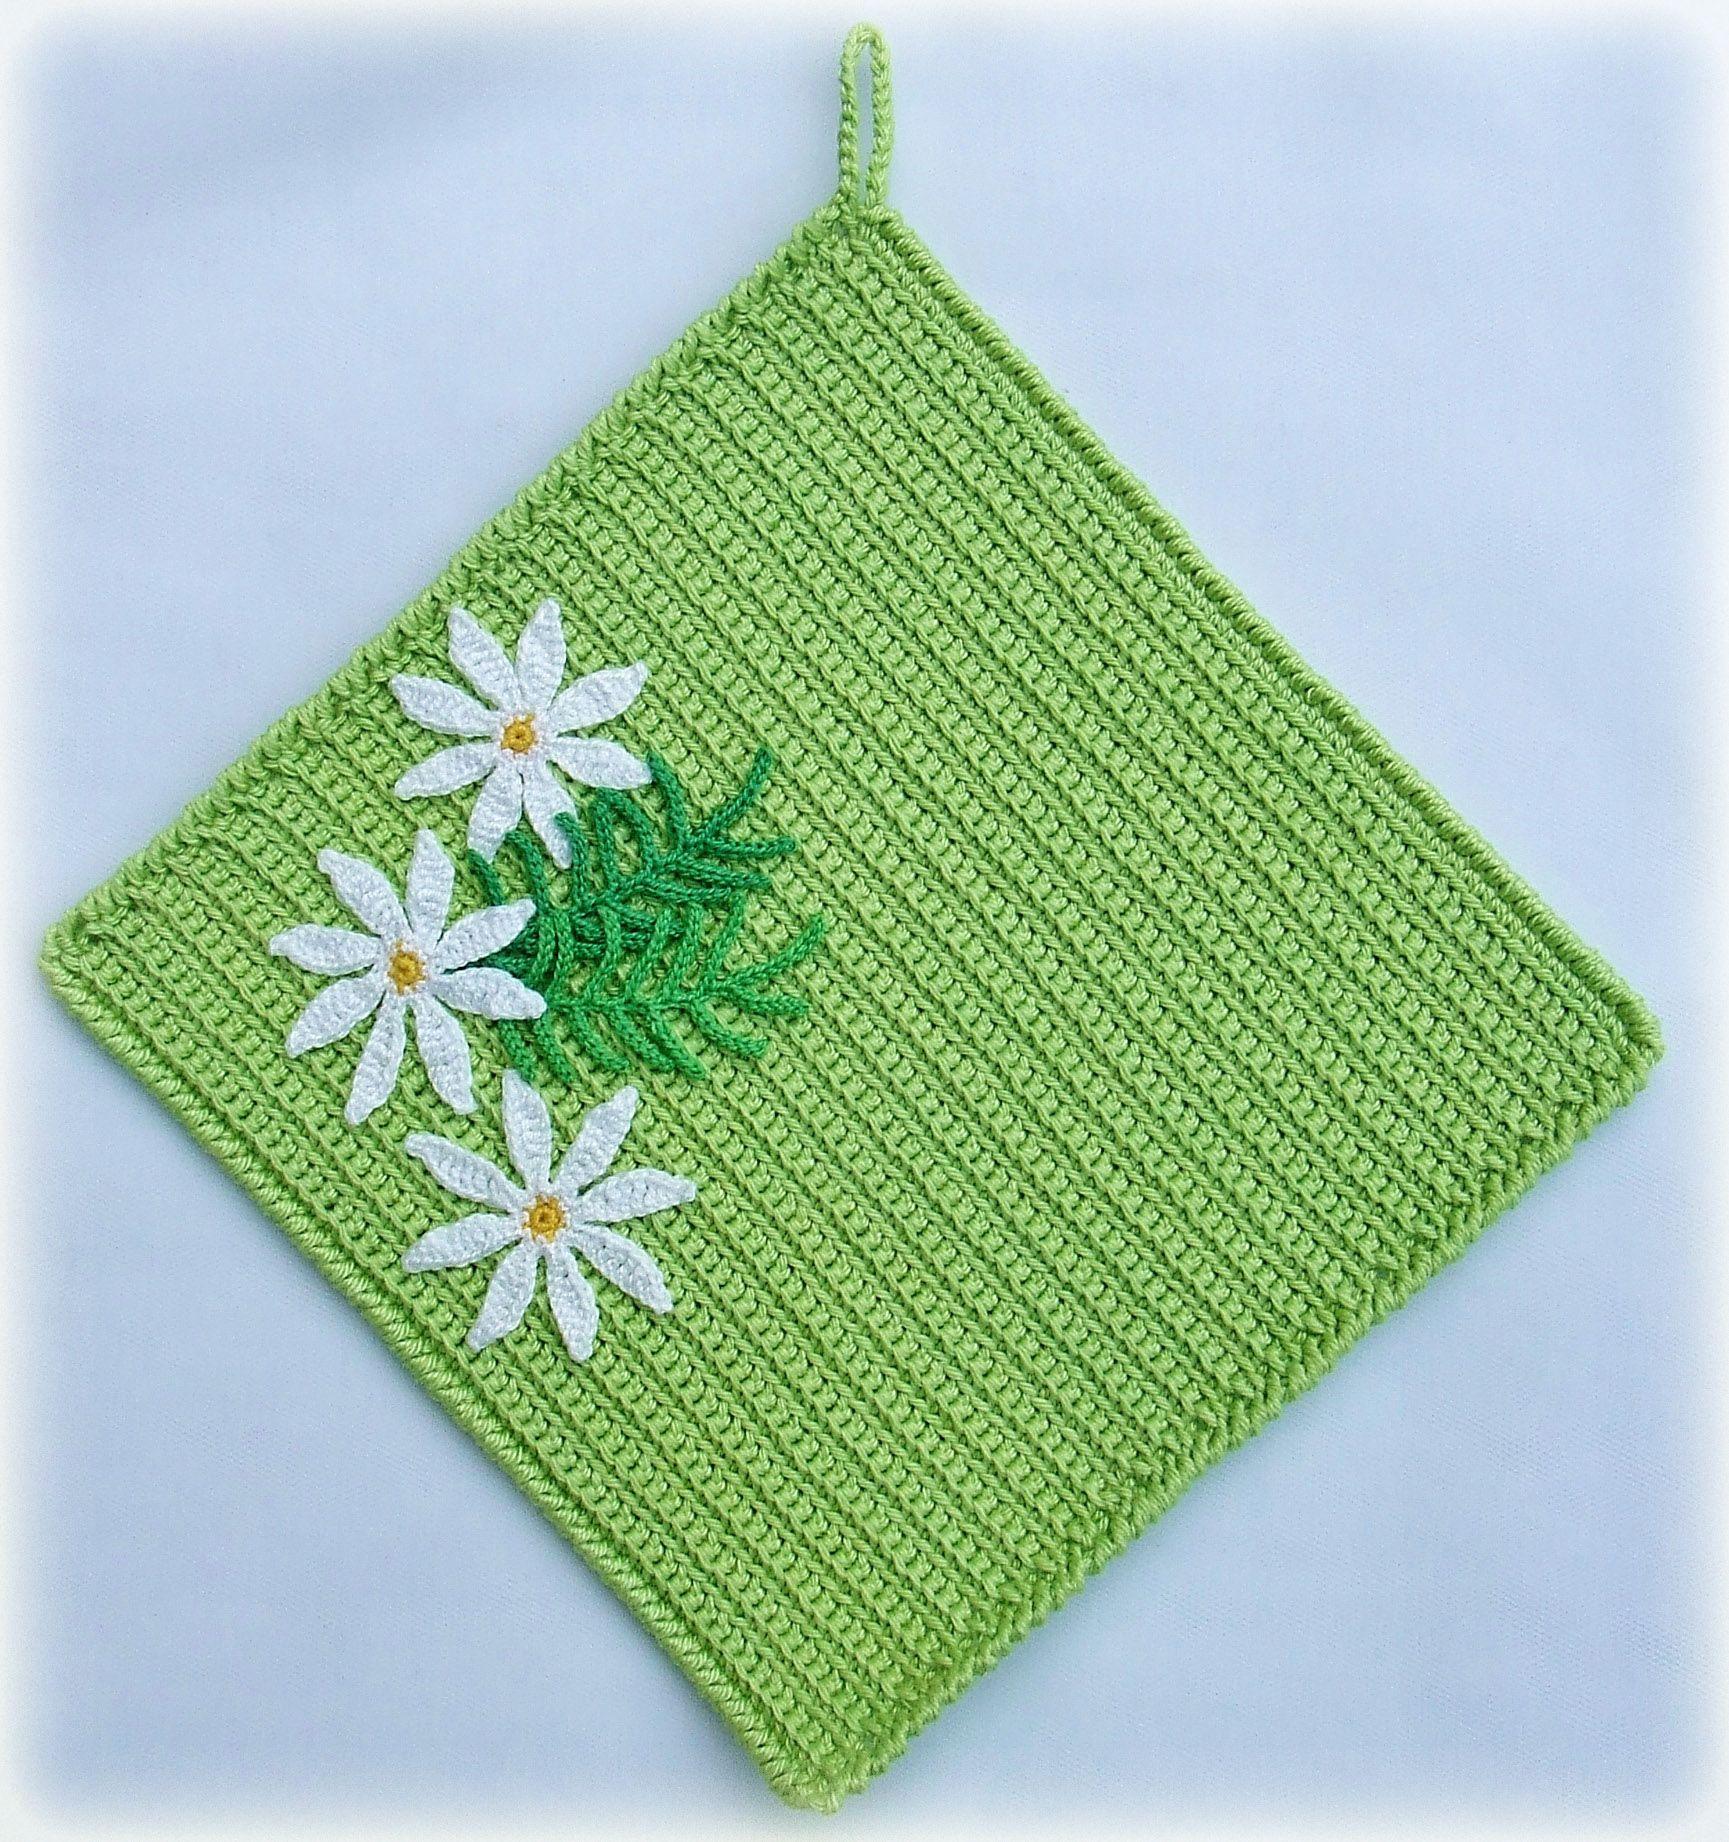 кухонный ромашки вязание кухня прихватки крючком зеленый